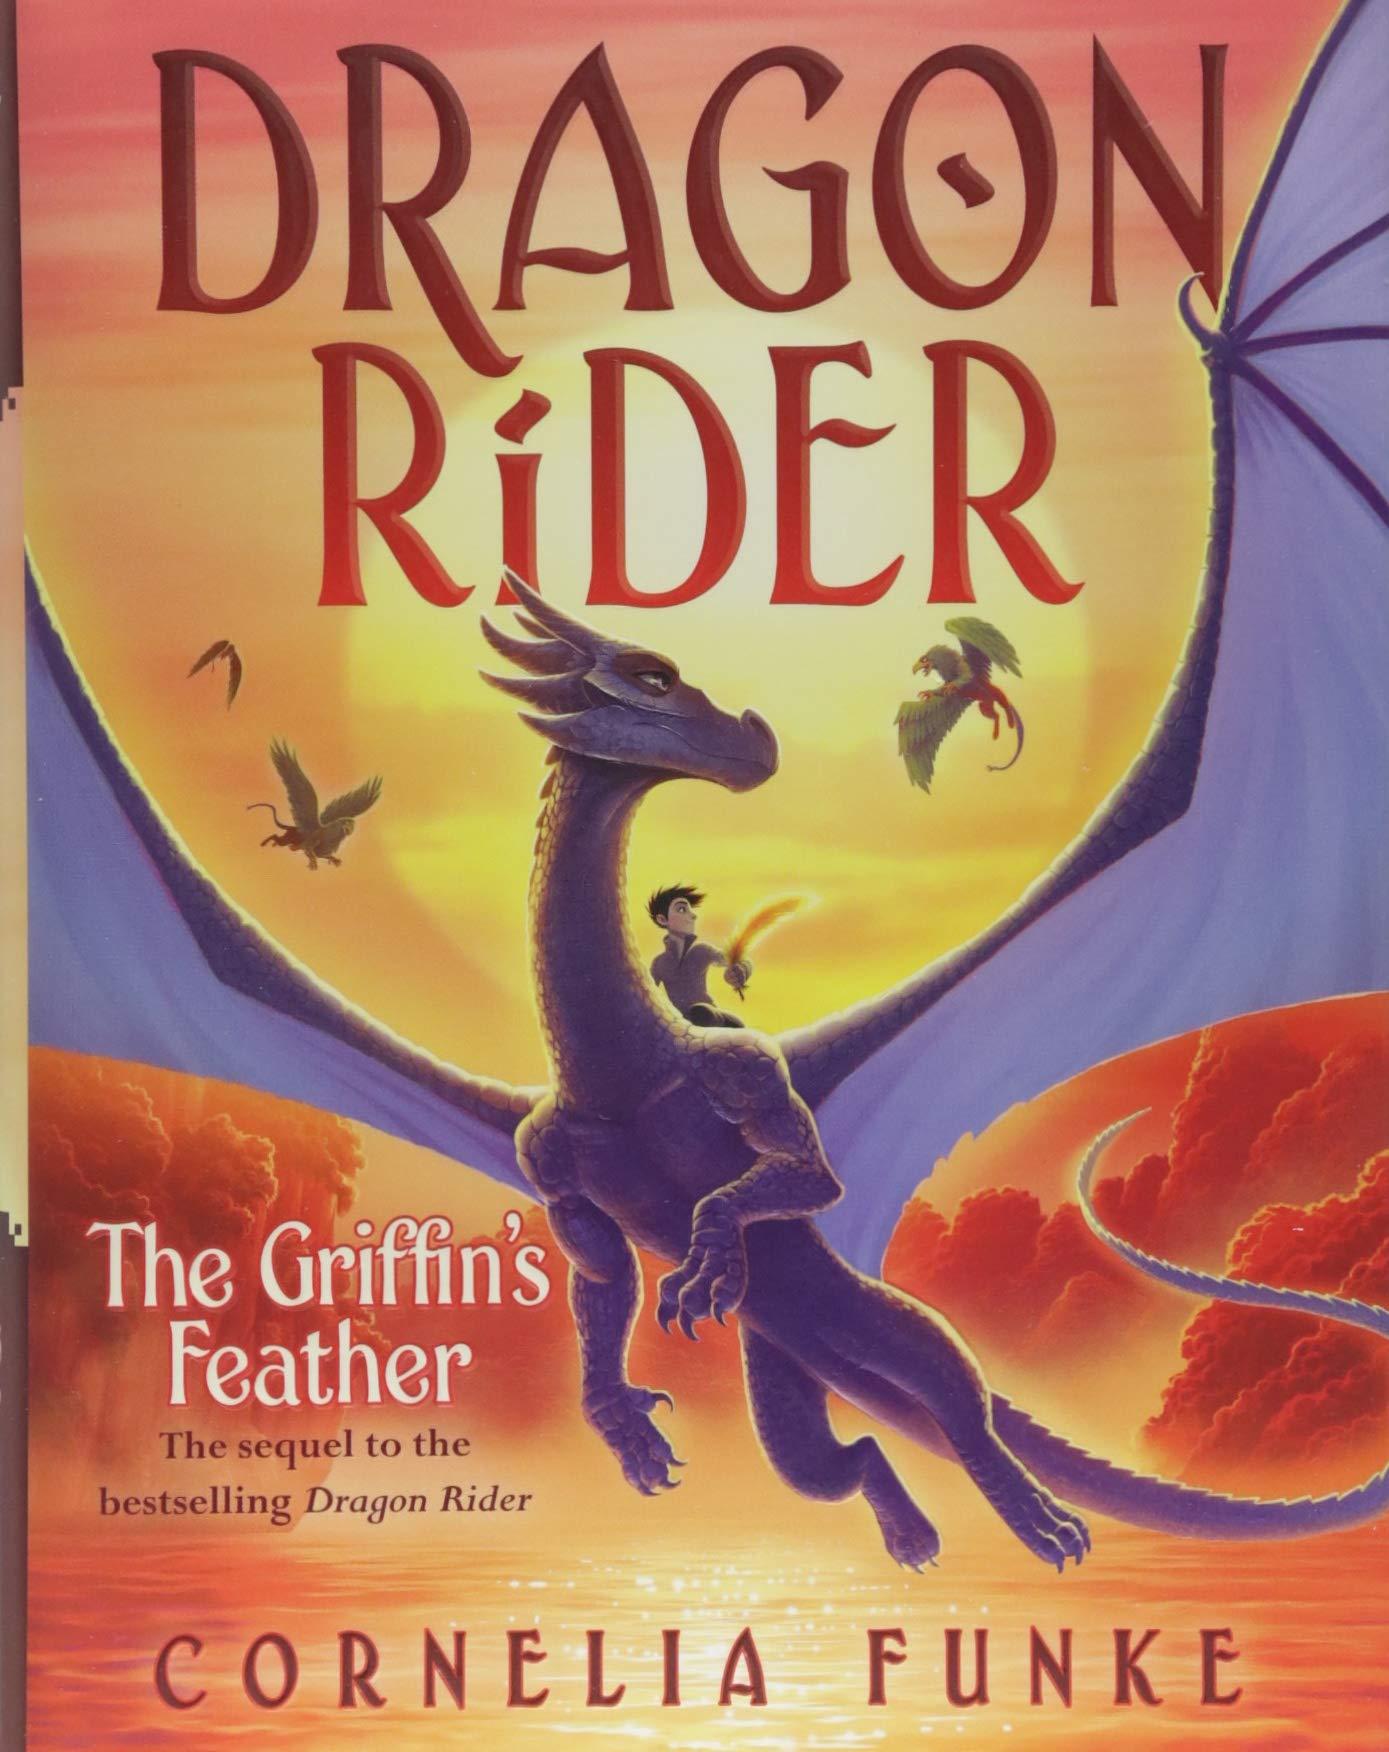 The Griffin's Feather (Dragon Rider #2): Cornelia Funke: 9781338215533:  Amazon.com: Books